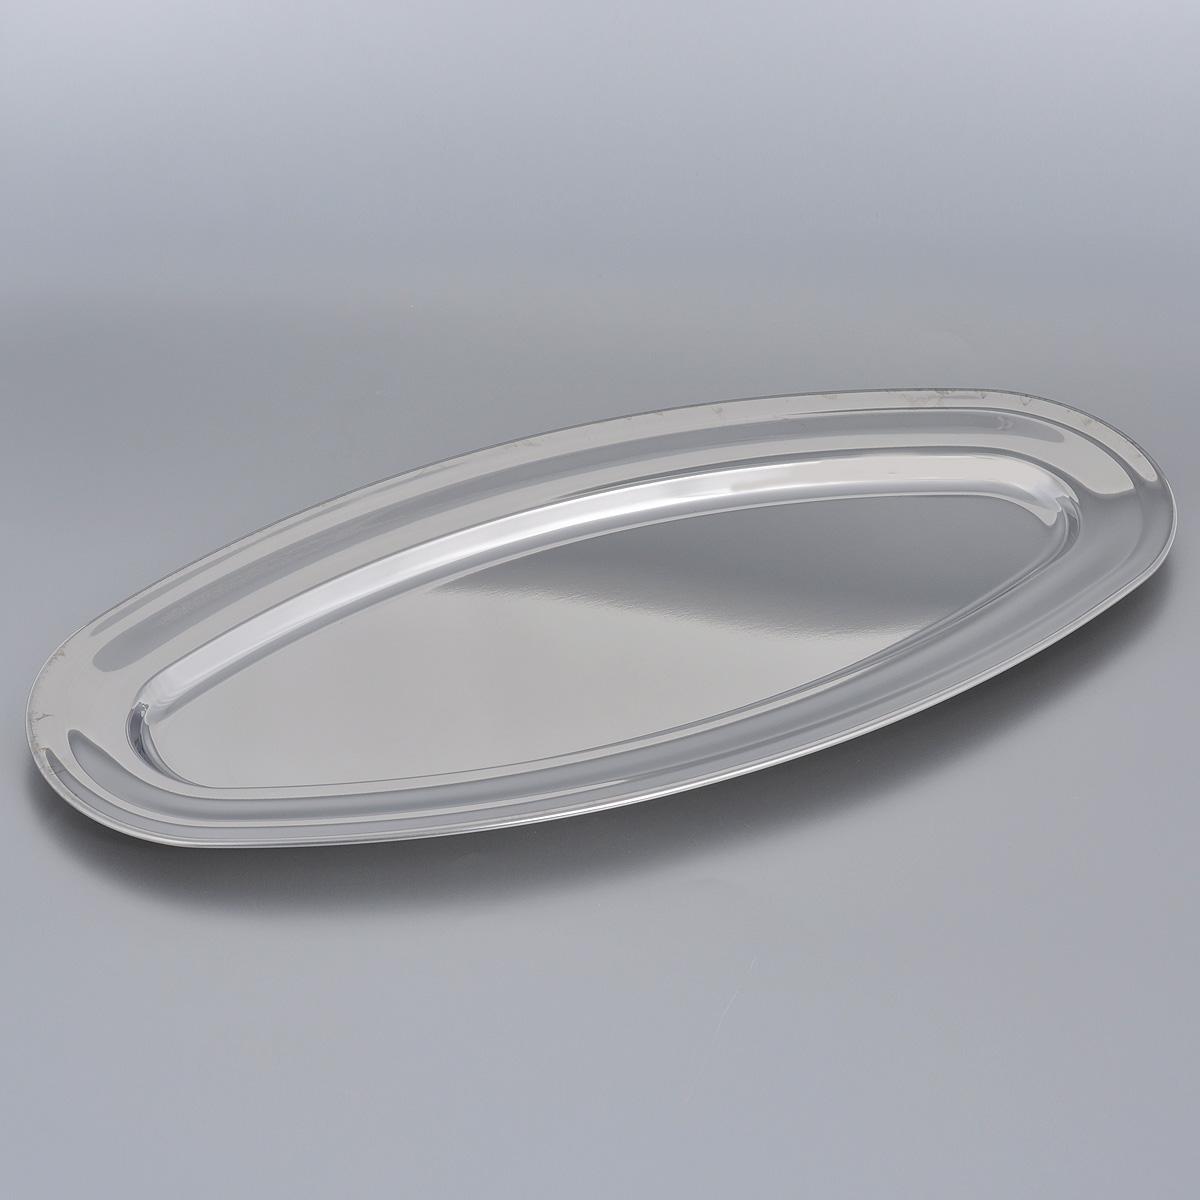 Блюдо для рыбы Tramontina Service, 50,5 см х 23,5 см х 2 см61403/501-TRОвальное блюдо для рыбы Tramontina Service, изготовленное из нержавеющей стали с зеркальной полировкой, станет незаменимым предметом для сервировки стола. Современный стильный дизайн и функциональность позволят блюду занять достойное место на вашей кухне.